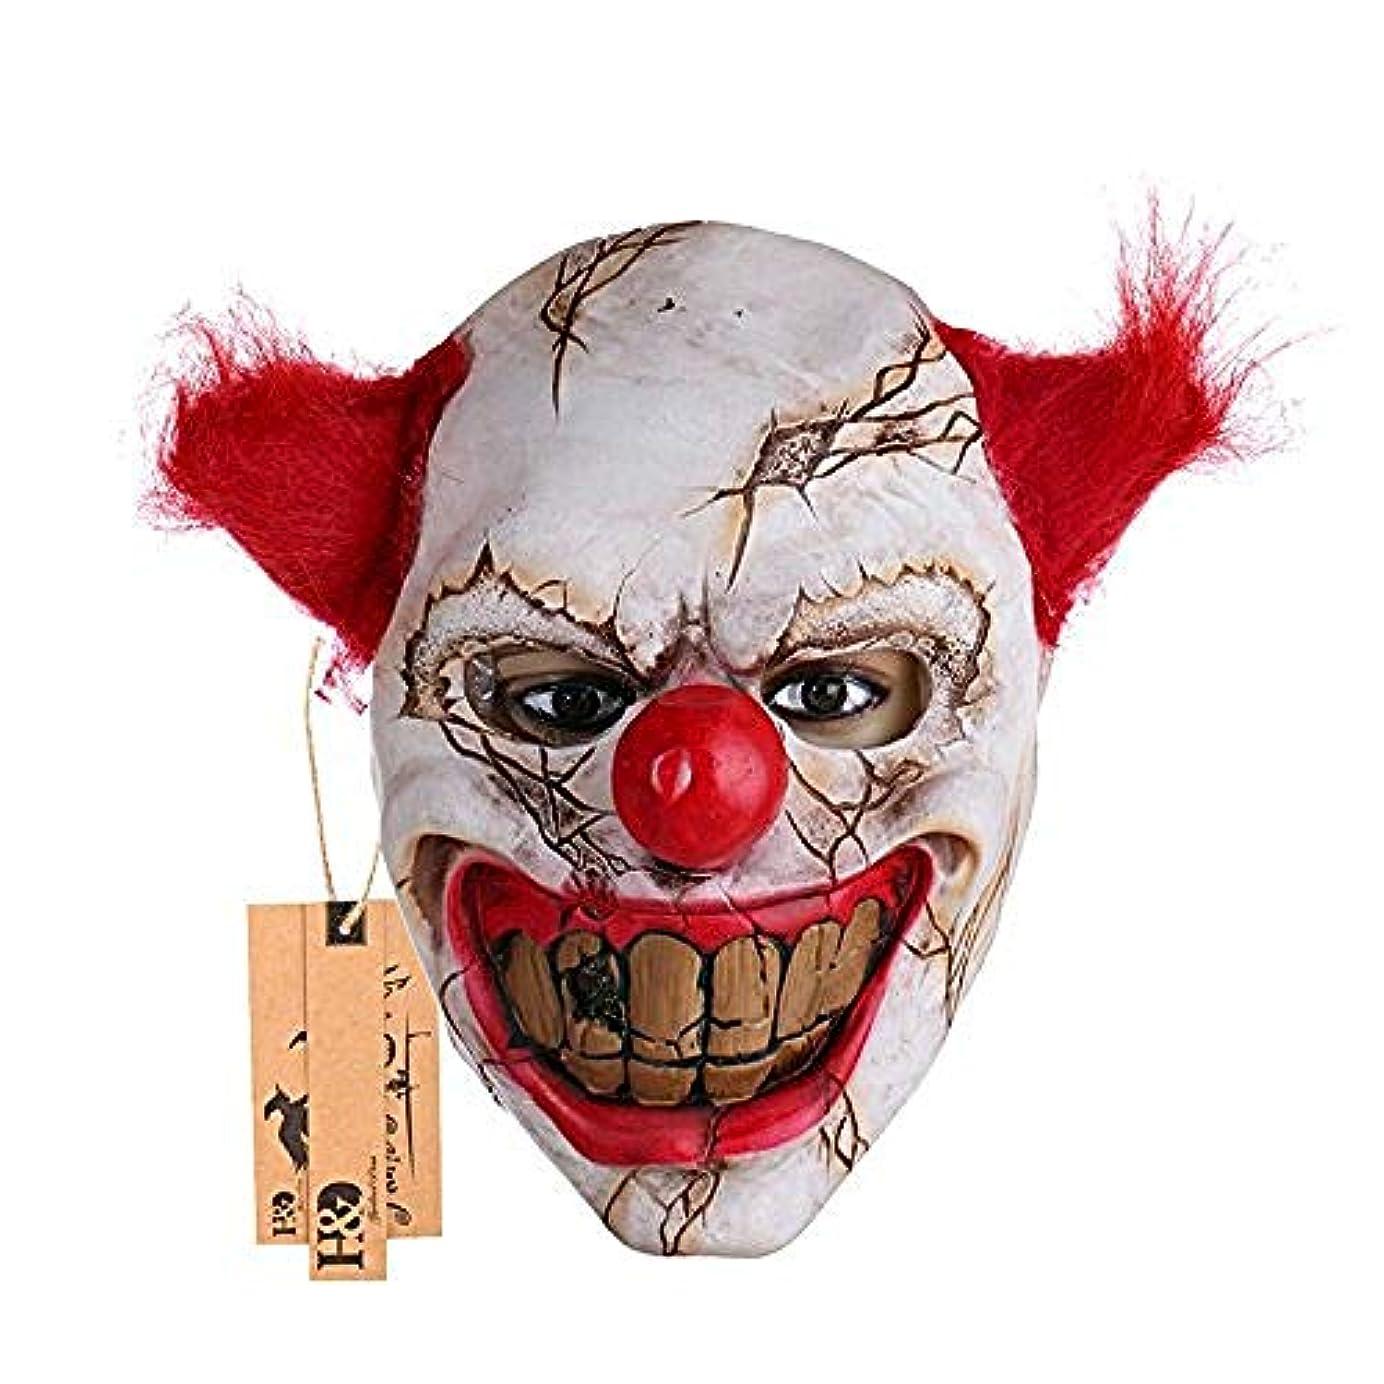 電気の墓地簡略化するハロウィーンラテックスピエロマスク、コスチュームパーティー小道具マスク、透明な大きな口の赤い髪の鼻、コスプレホラーマスカレードマスクゴーストパーティー